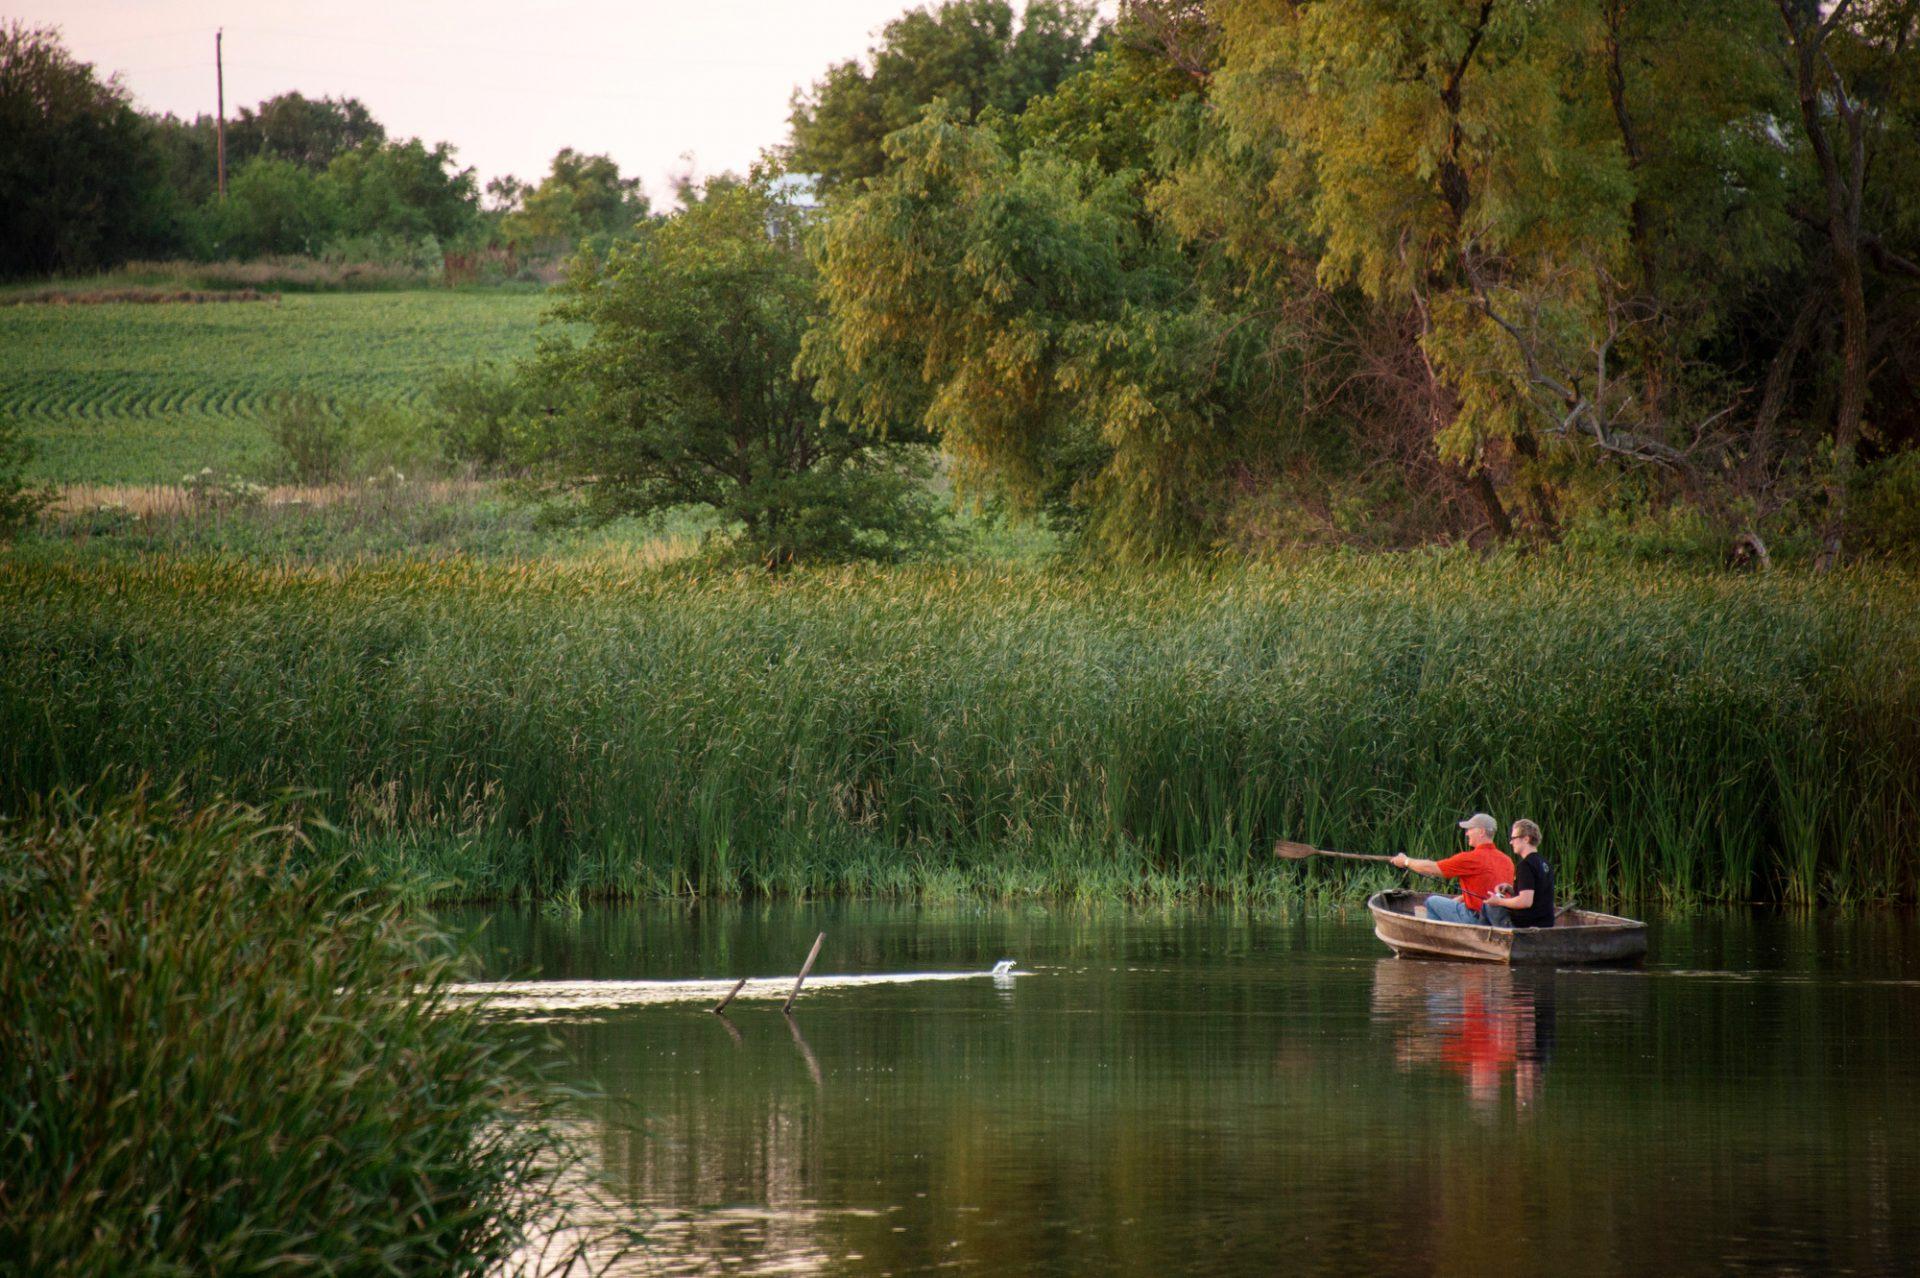 Photo: Two men fishing in a boat near Bennet, Nebraska.